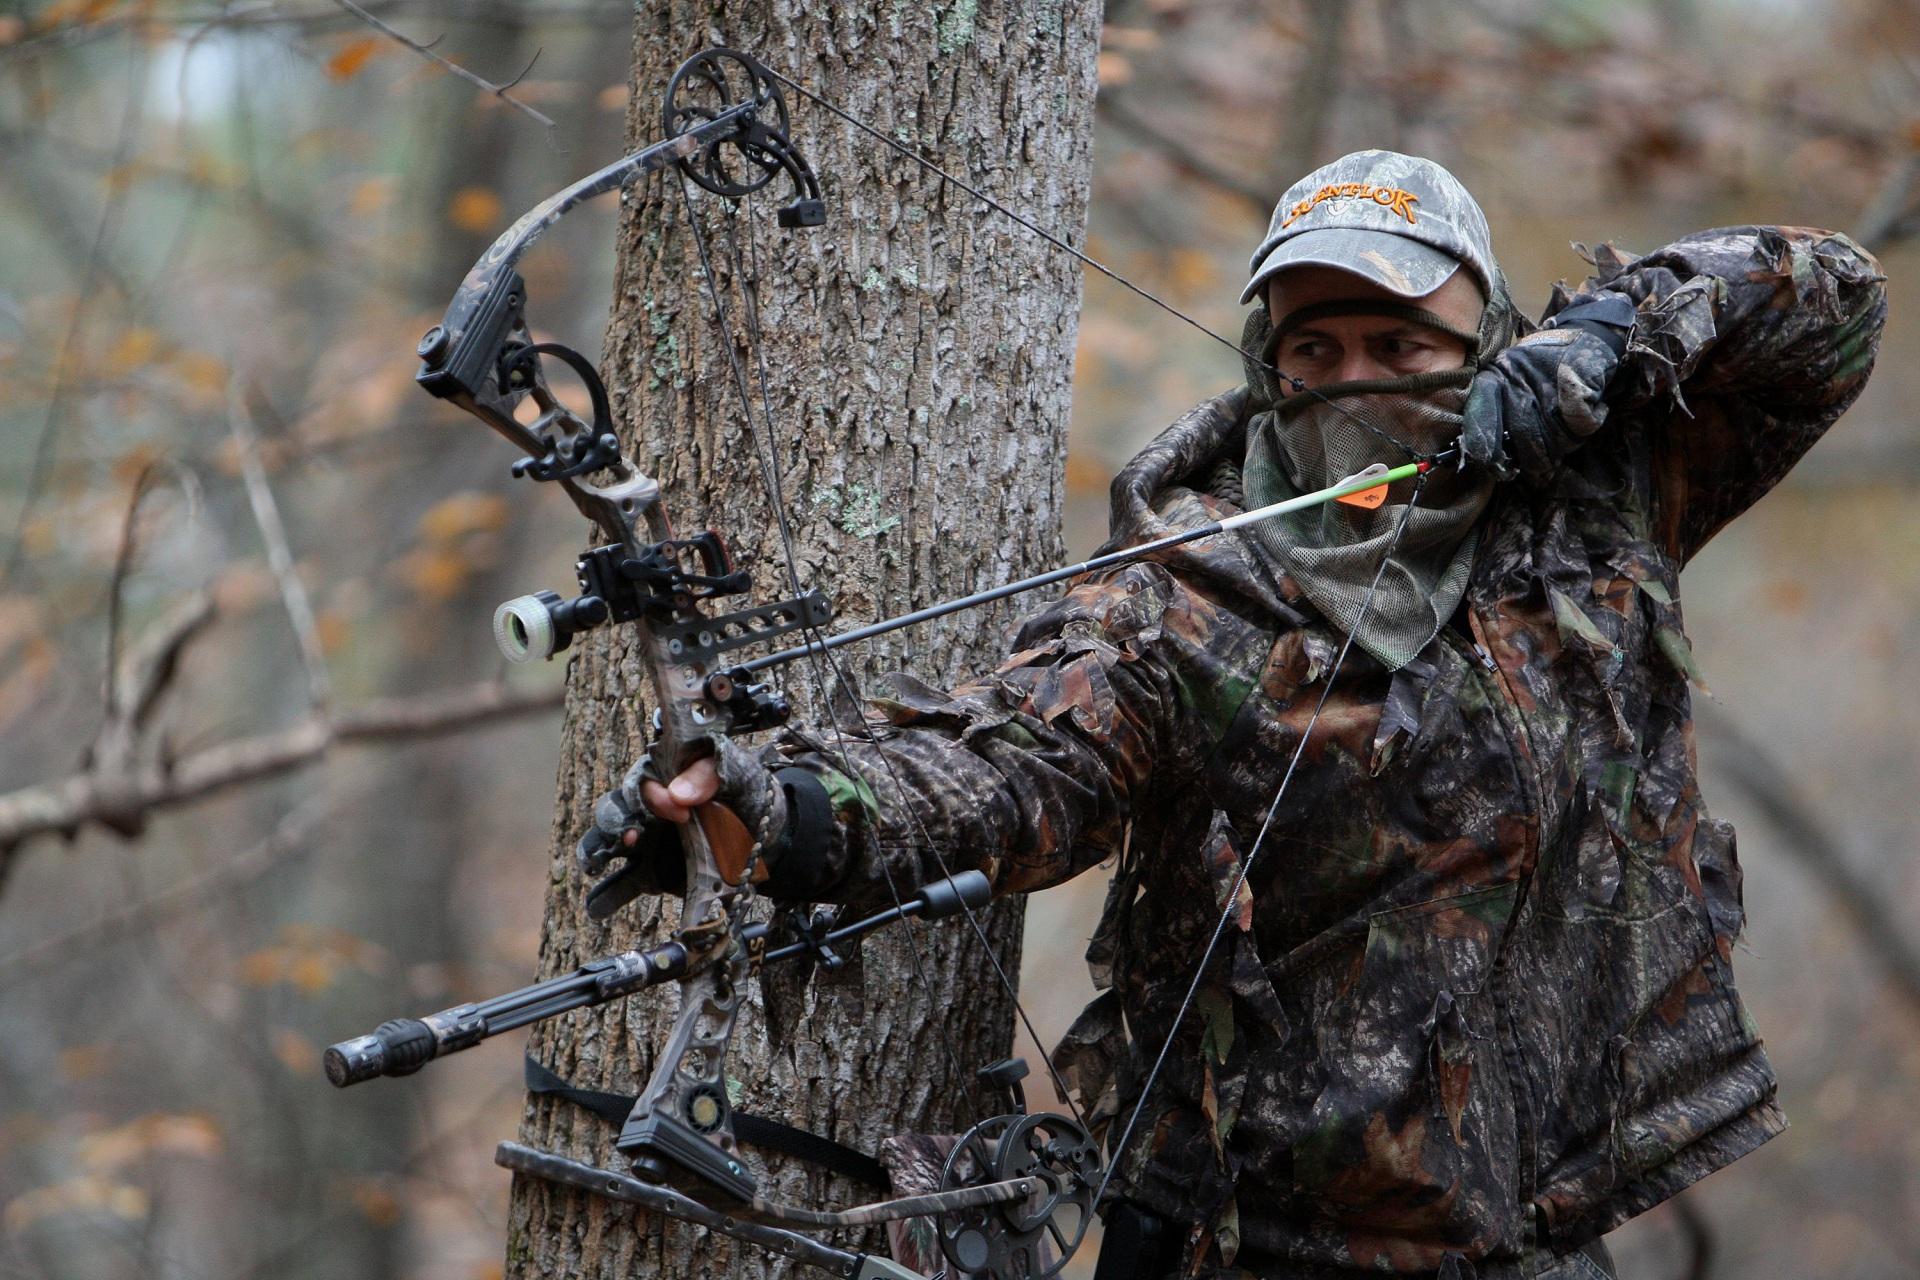 В России узаконят охоту с луком